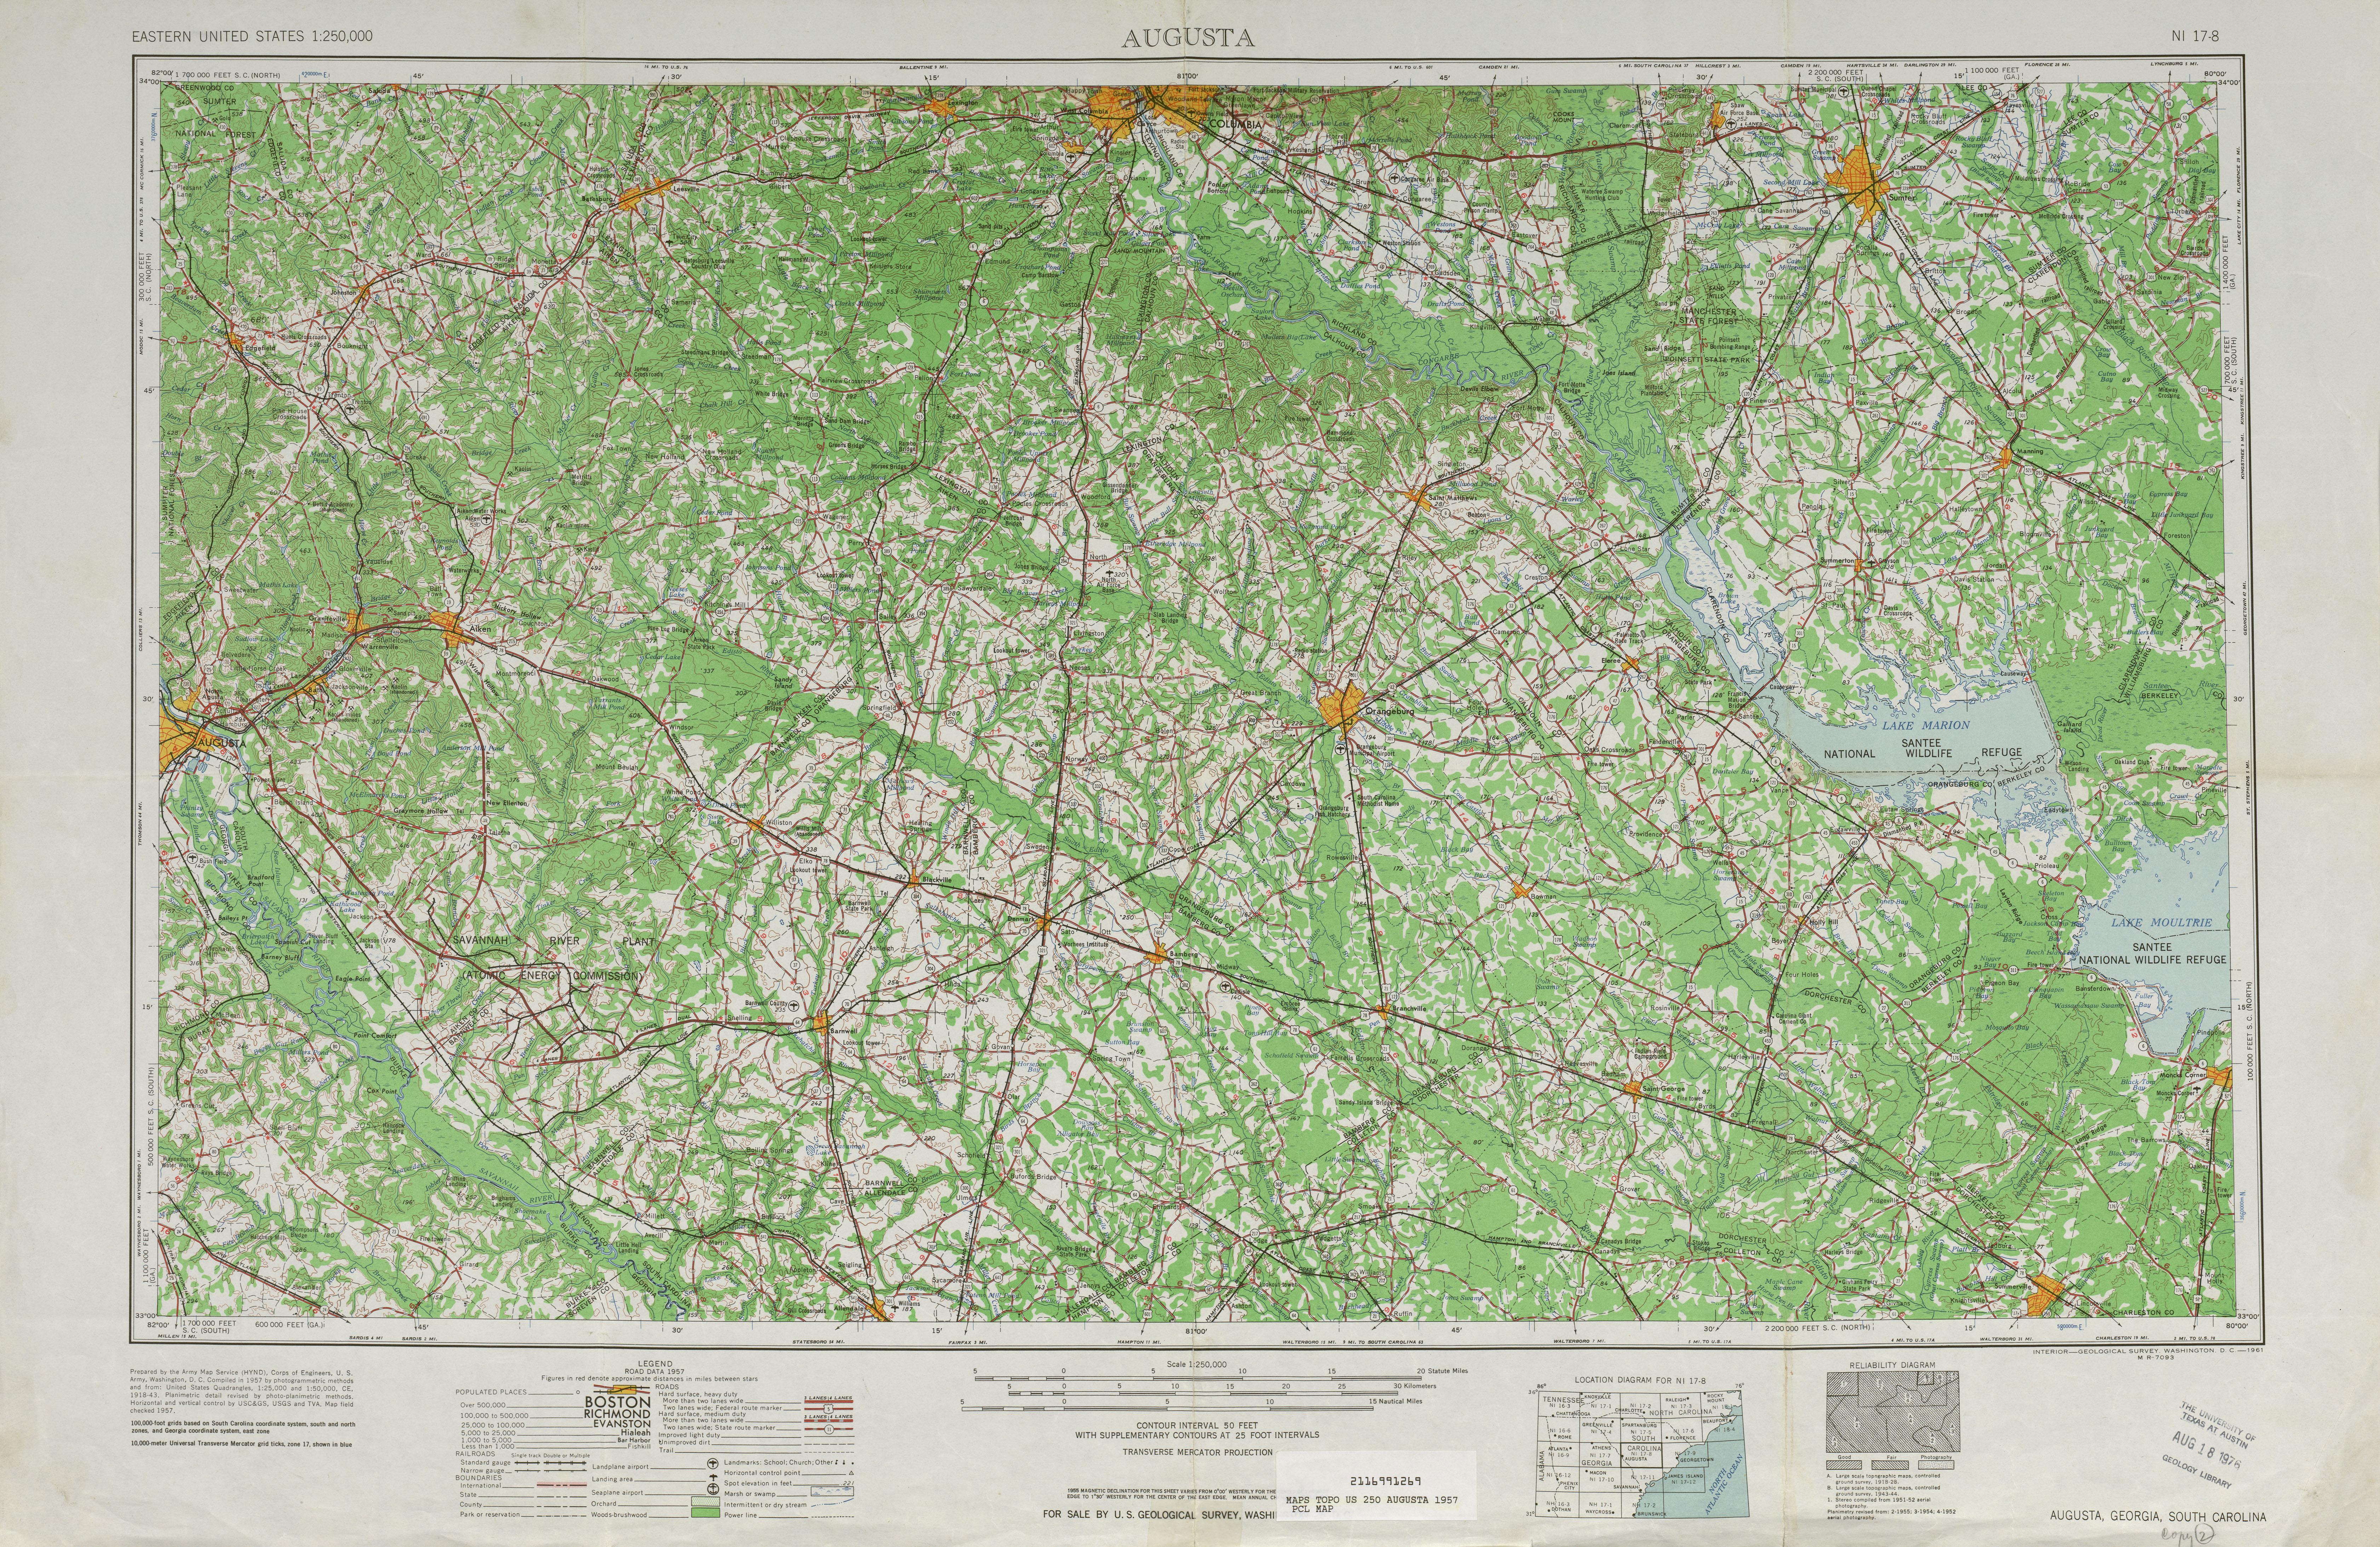 Hoja Agostoa del Mapa Topográfico de los Estados Unidos 1957